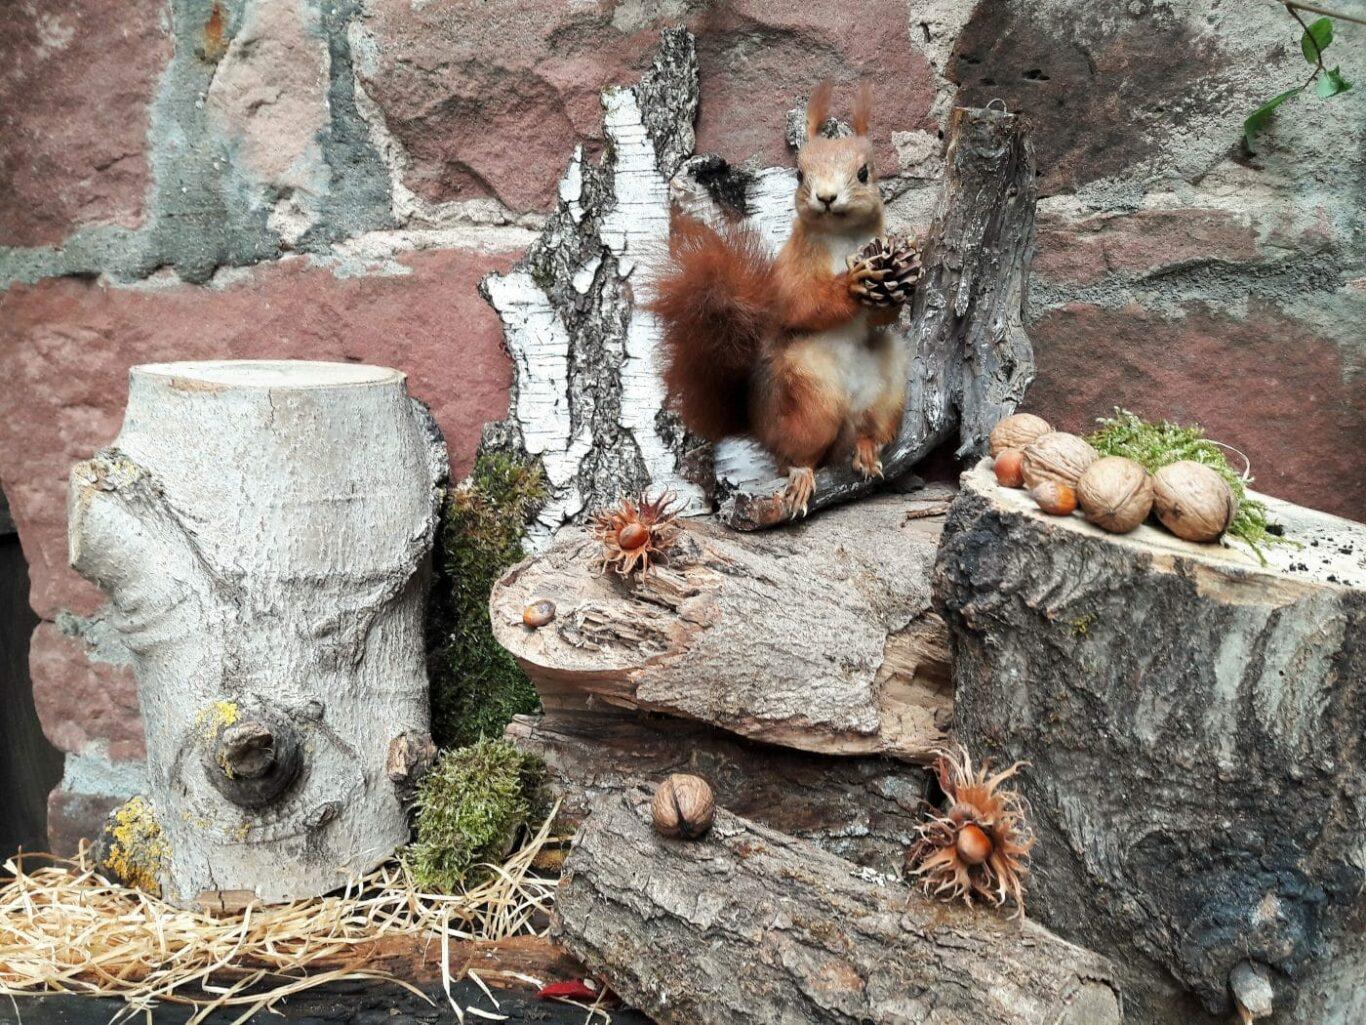 Ein Eichhörnchen in Nahaufnahme | Bild: F.M. / Regio-Journal